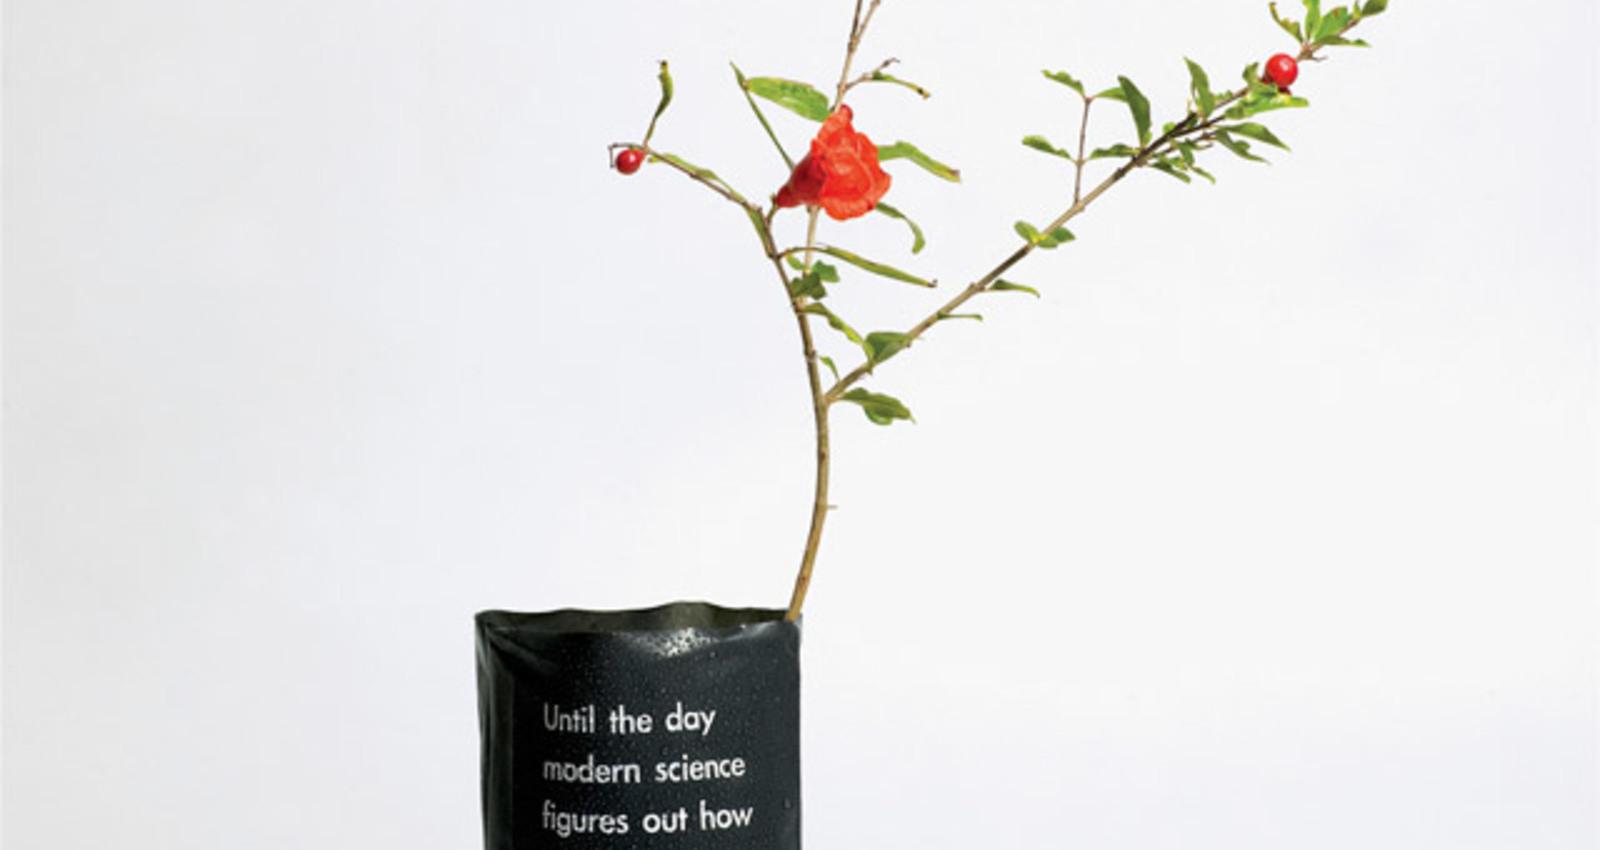 Please Plant Trees